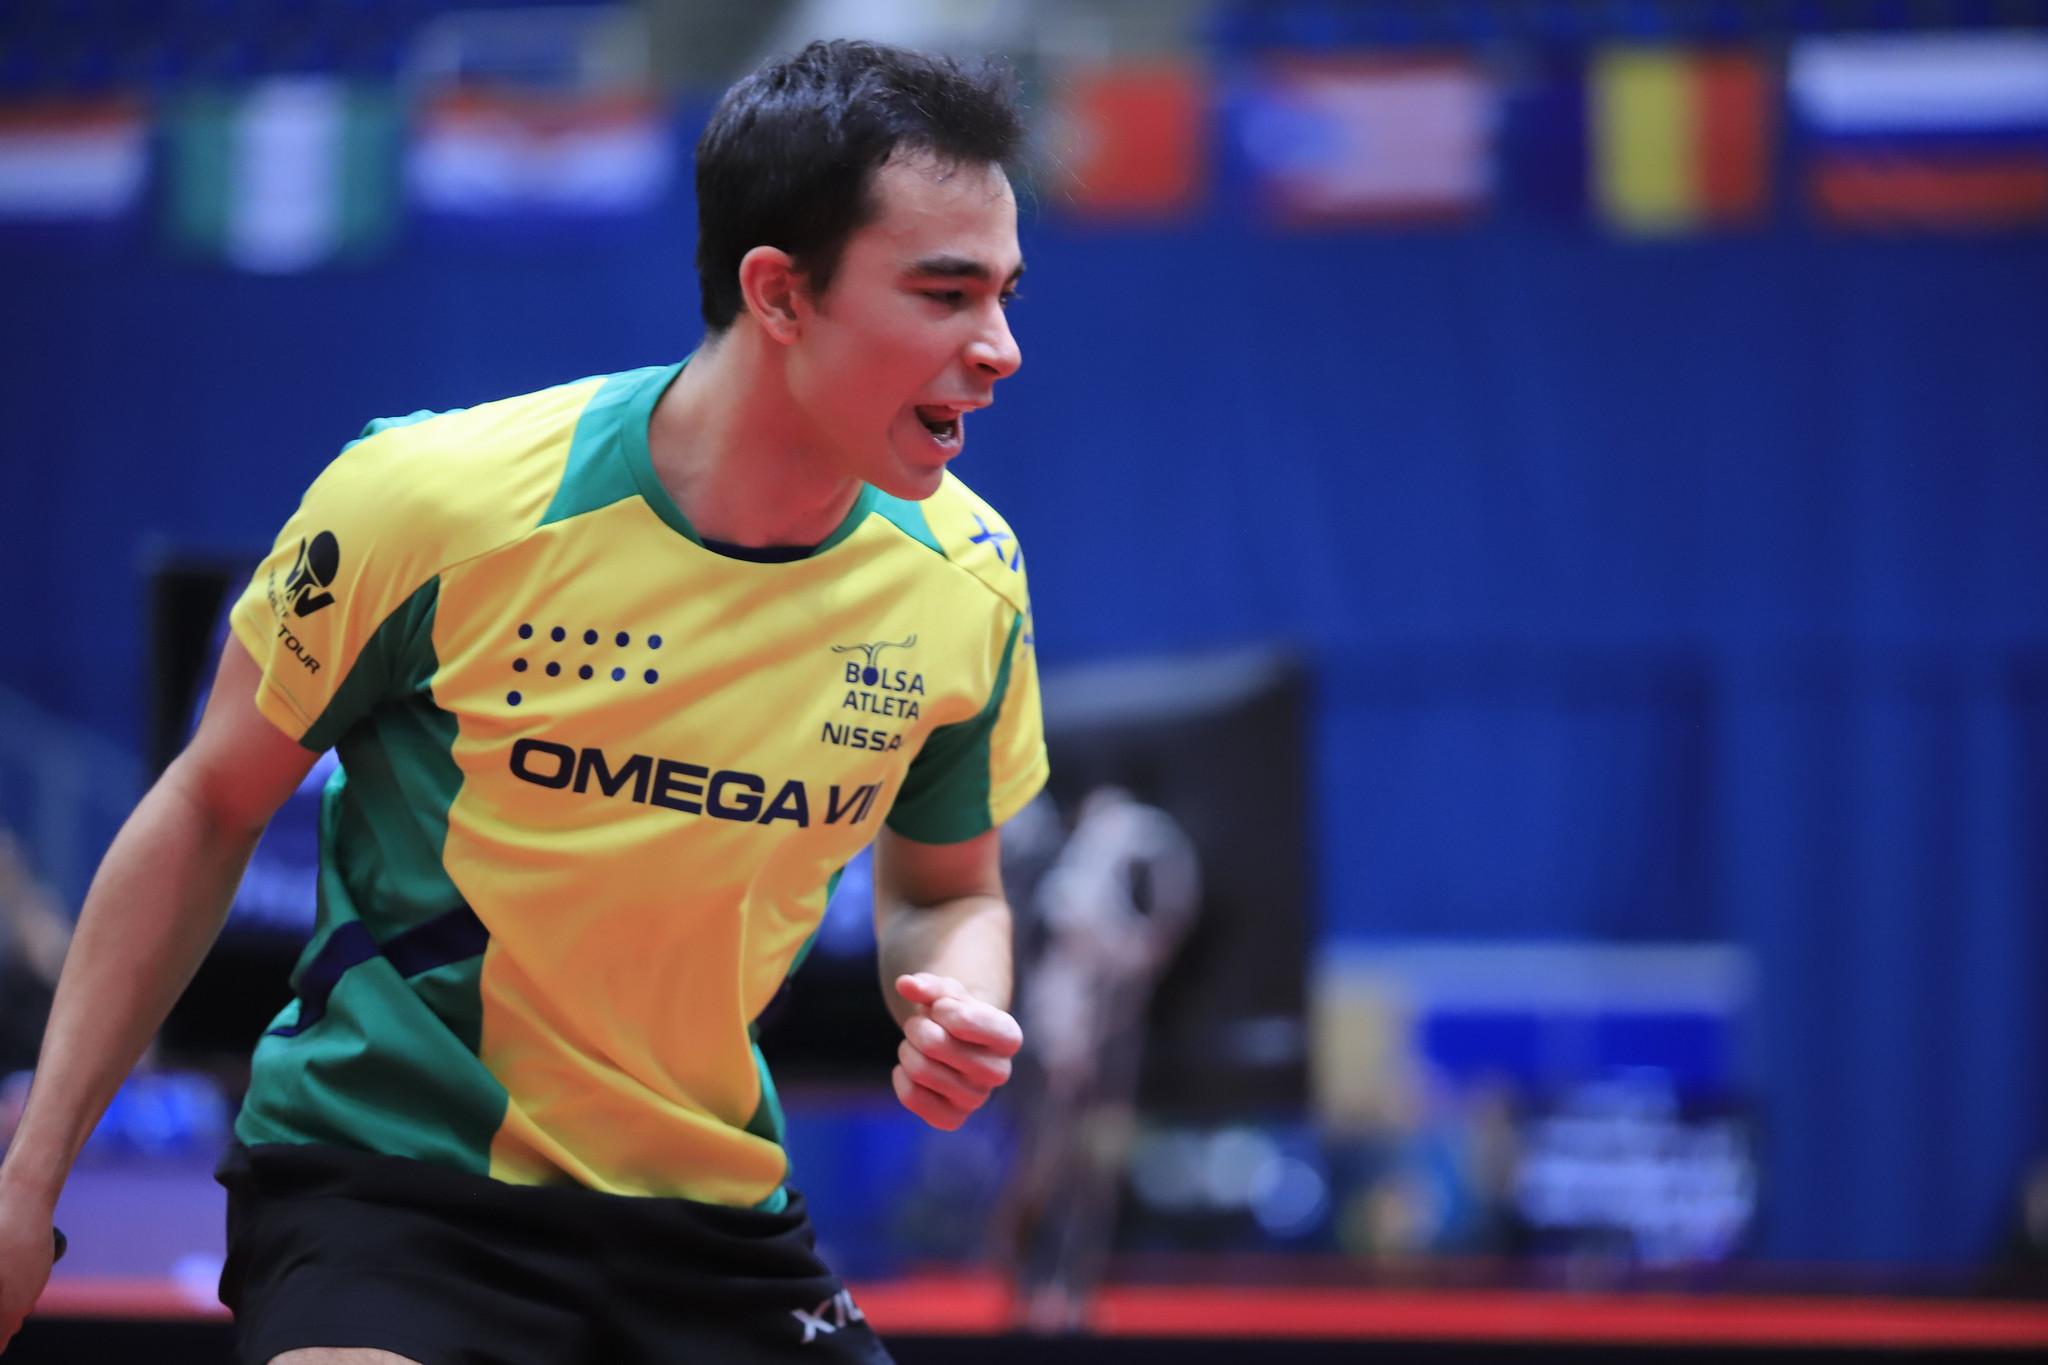 Hugo Calderano já conquistou duas medalhas no Qatar (Crédito: Divulgação/ITTF)